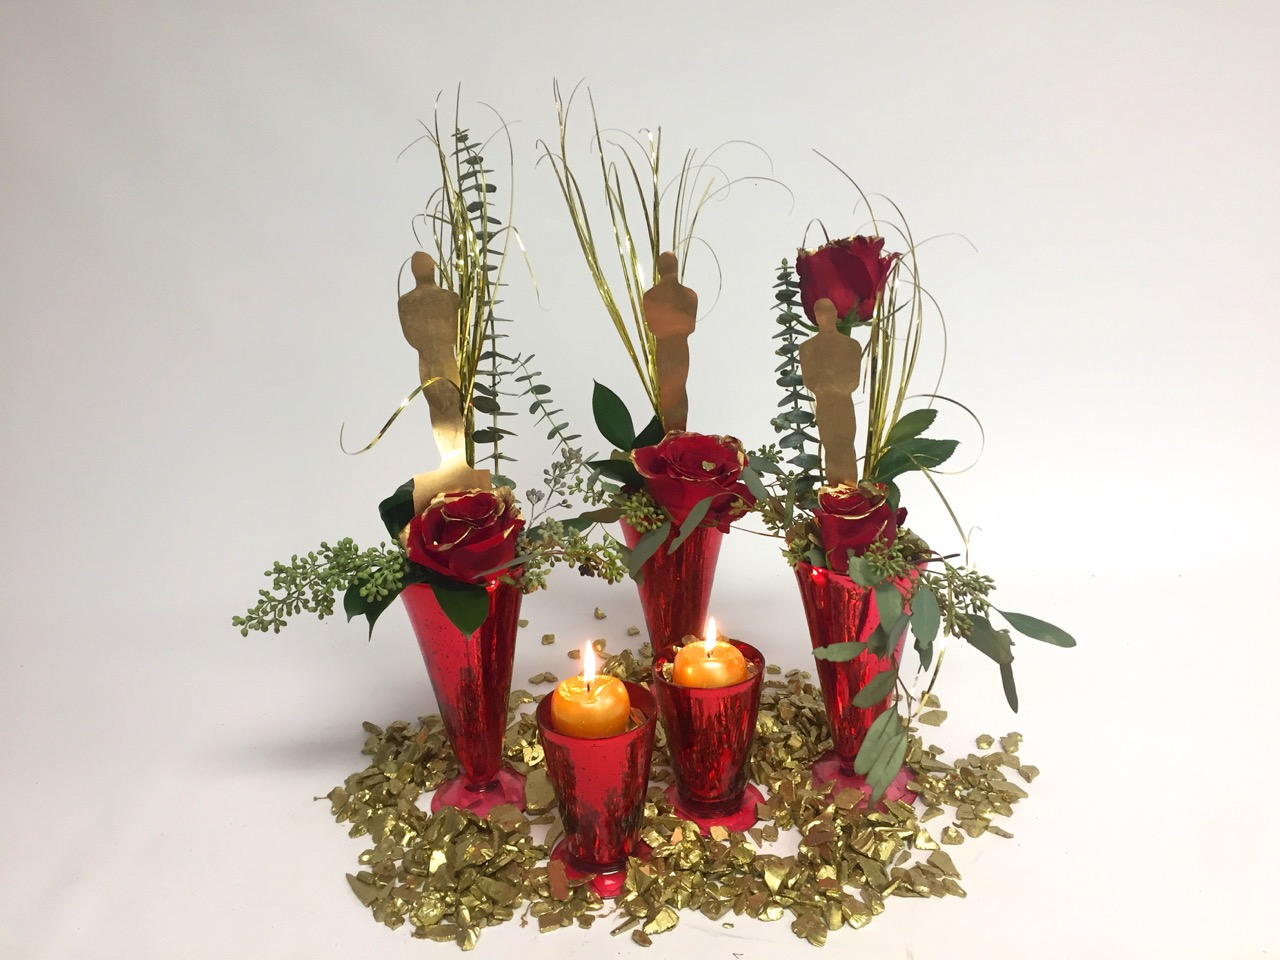 ardith_Oscar_flowers_table_spiritedtable_photo1.jpg